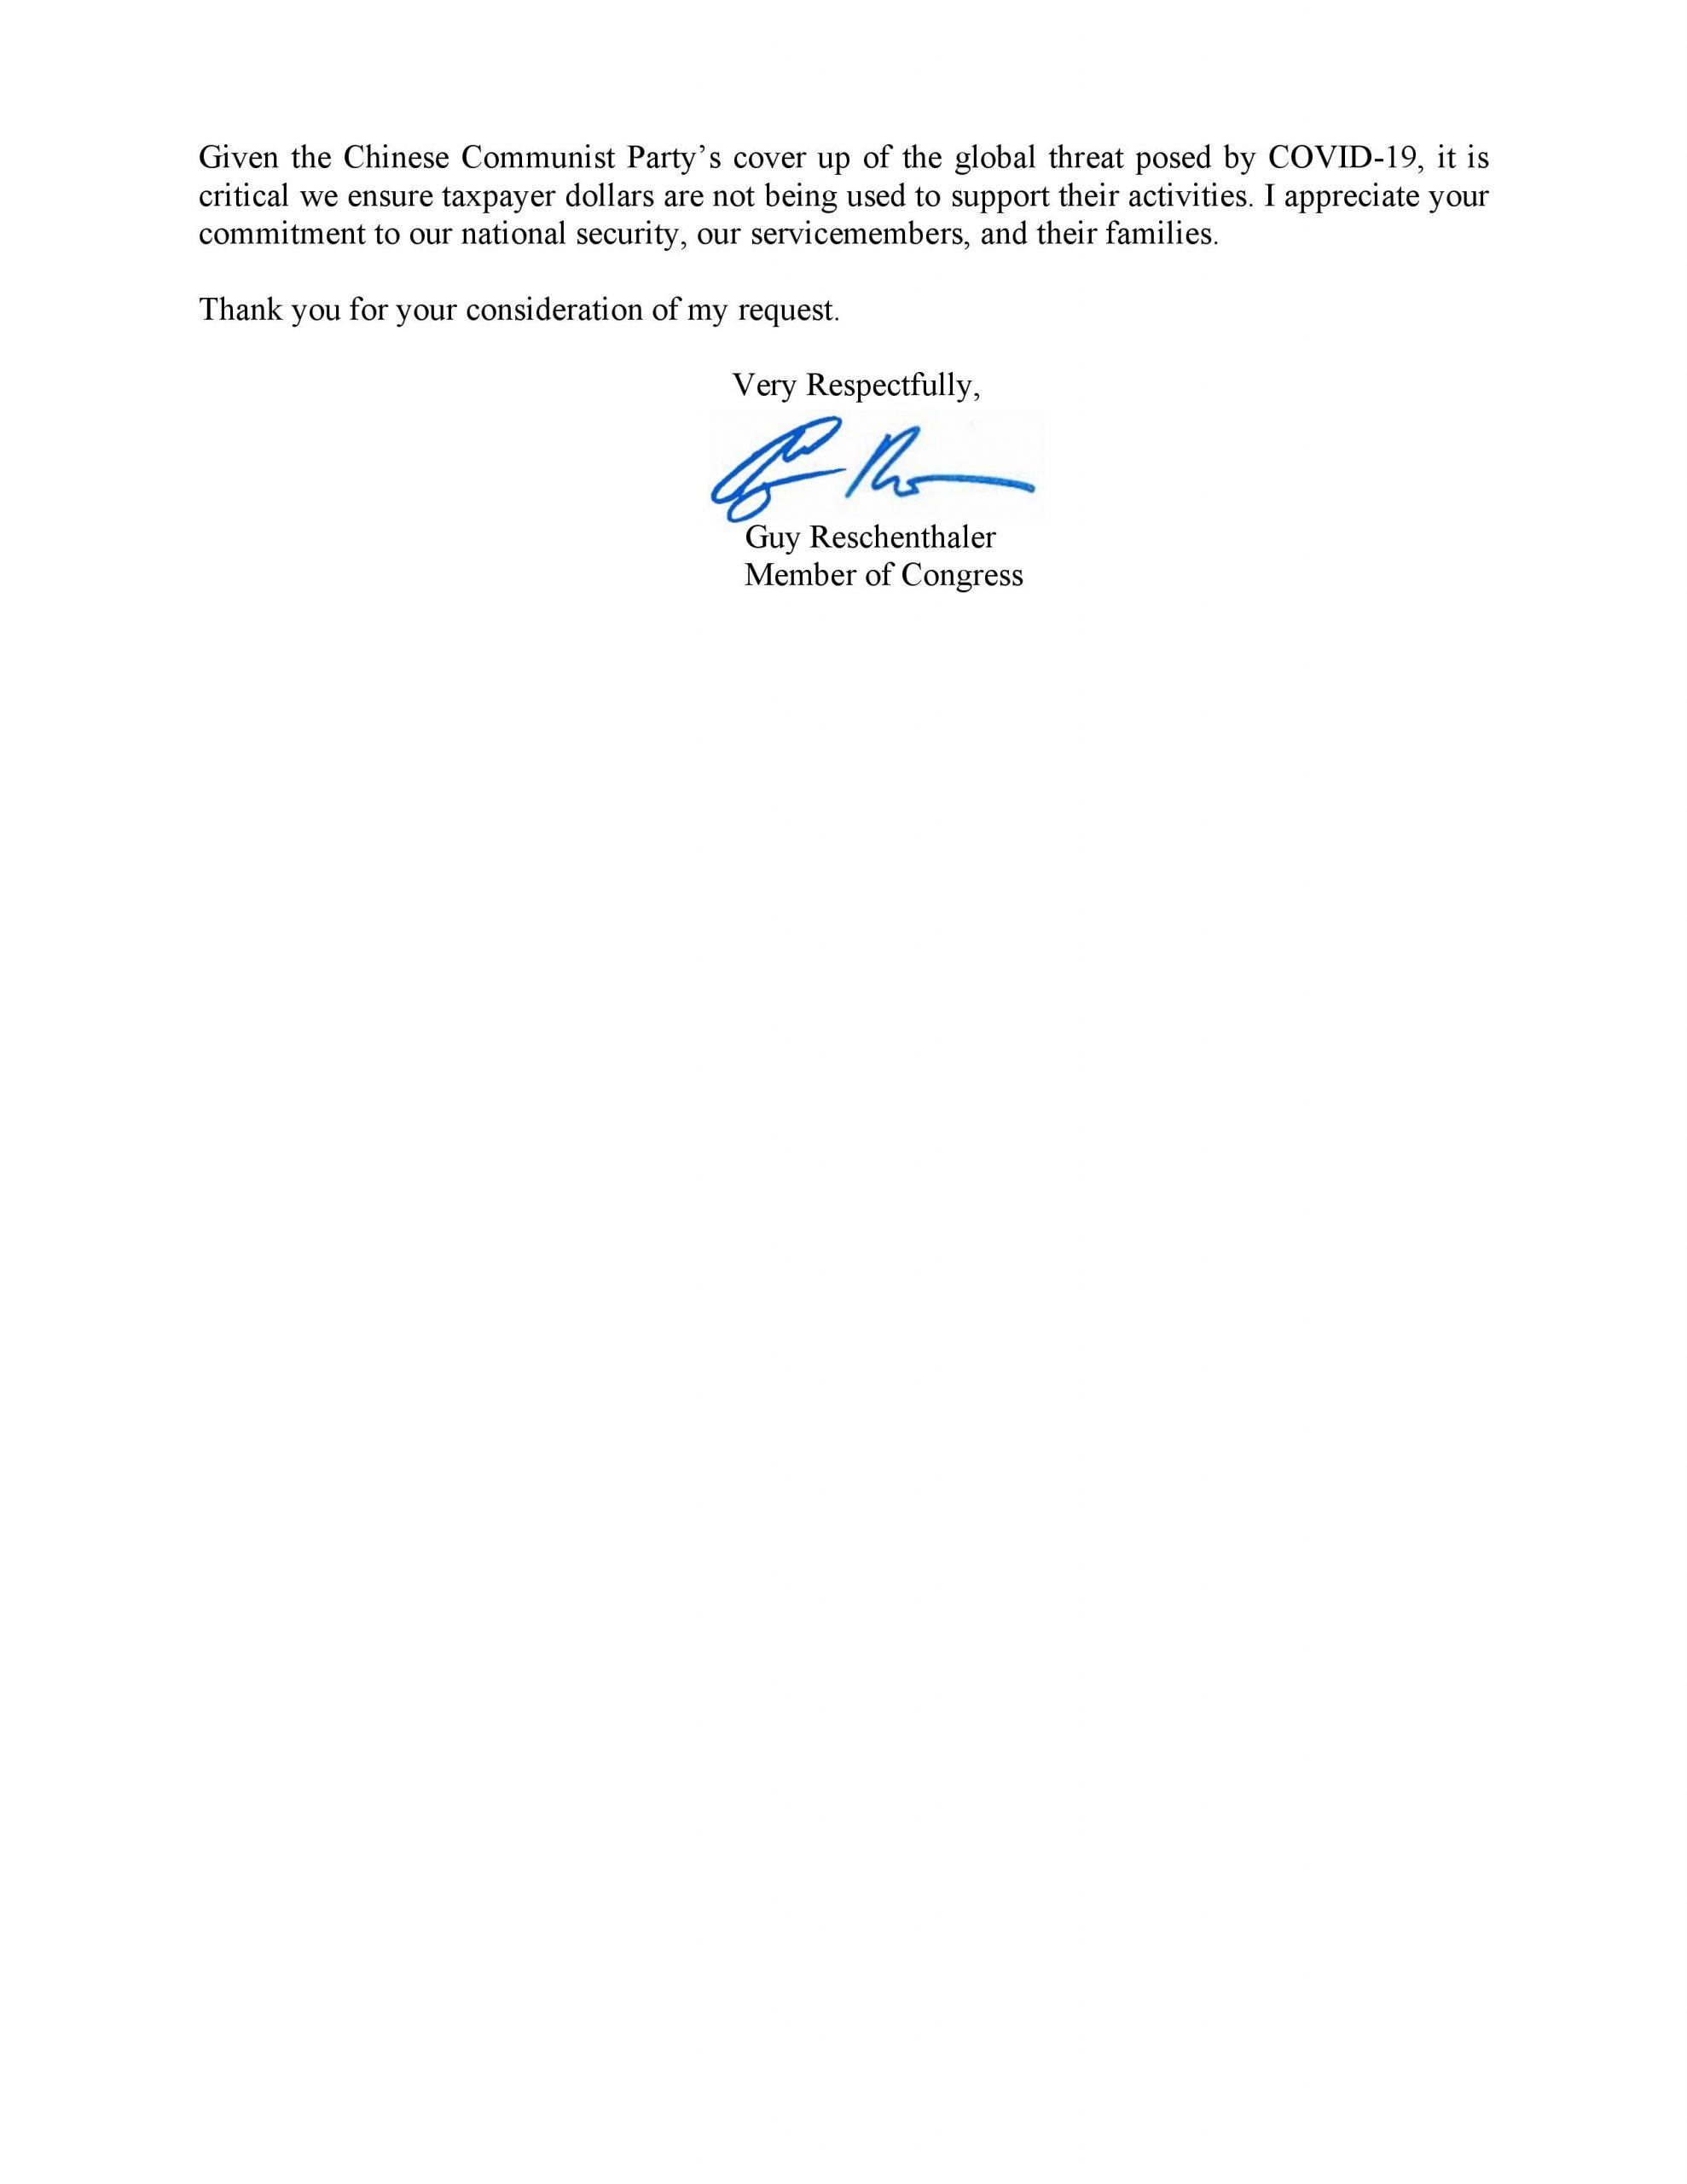 Carta de Guy Reschenthaler, miembro del Congreso, al Secretario de Defensa de EE.UU. en la que solicita más información sobre la subvención de 6,5 millones de dólares a Eco Health Alliance.